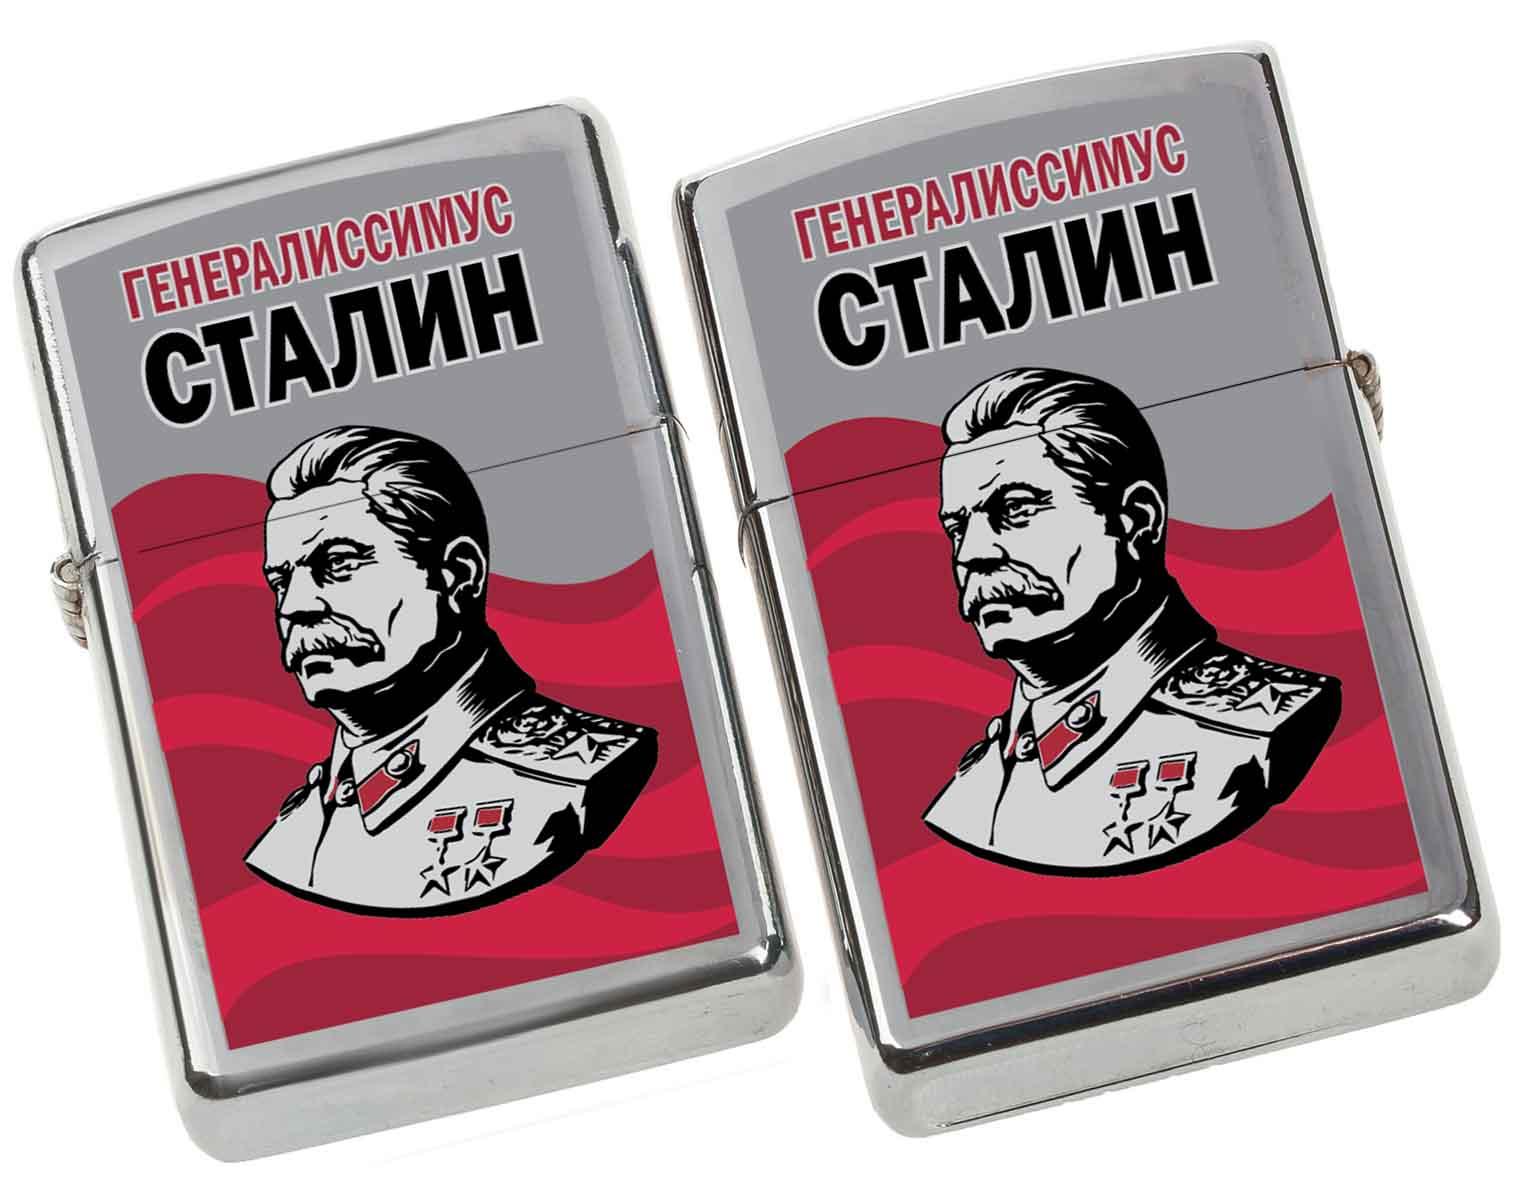 Зажигалка бензиновая Генералиссимус Сталин - купить по низкой цене